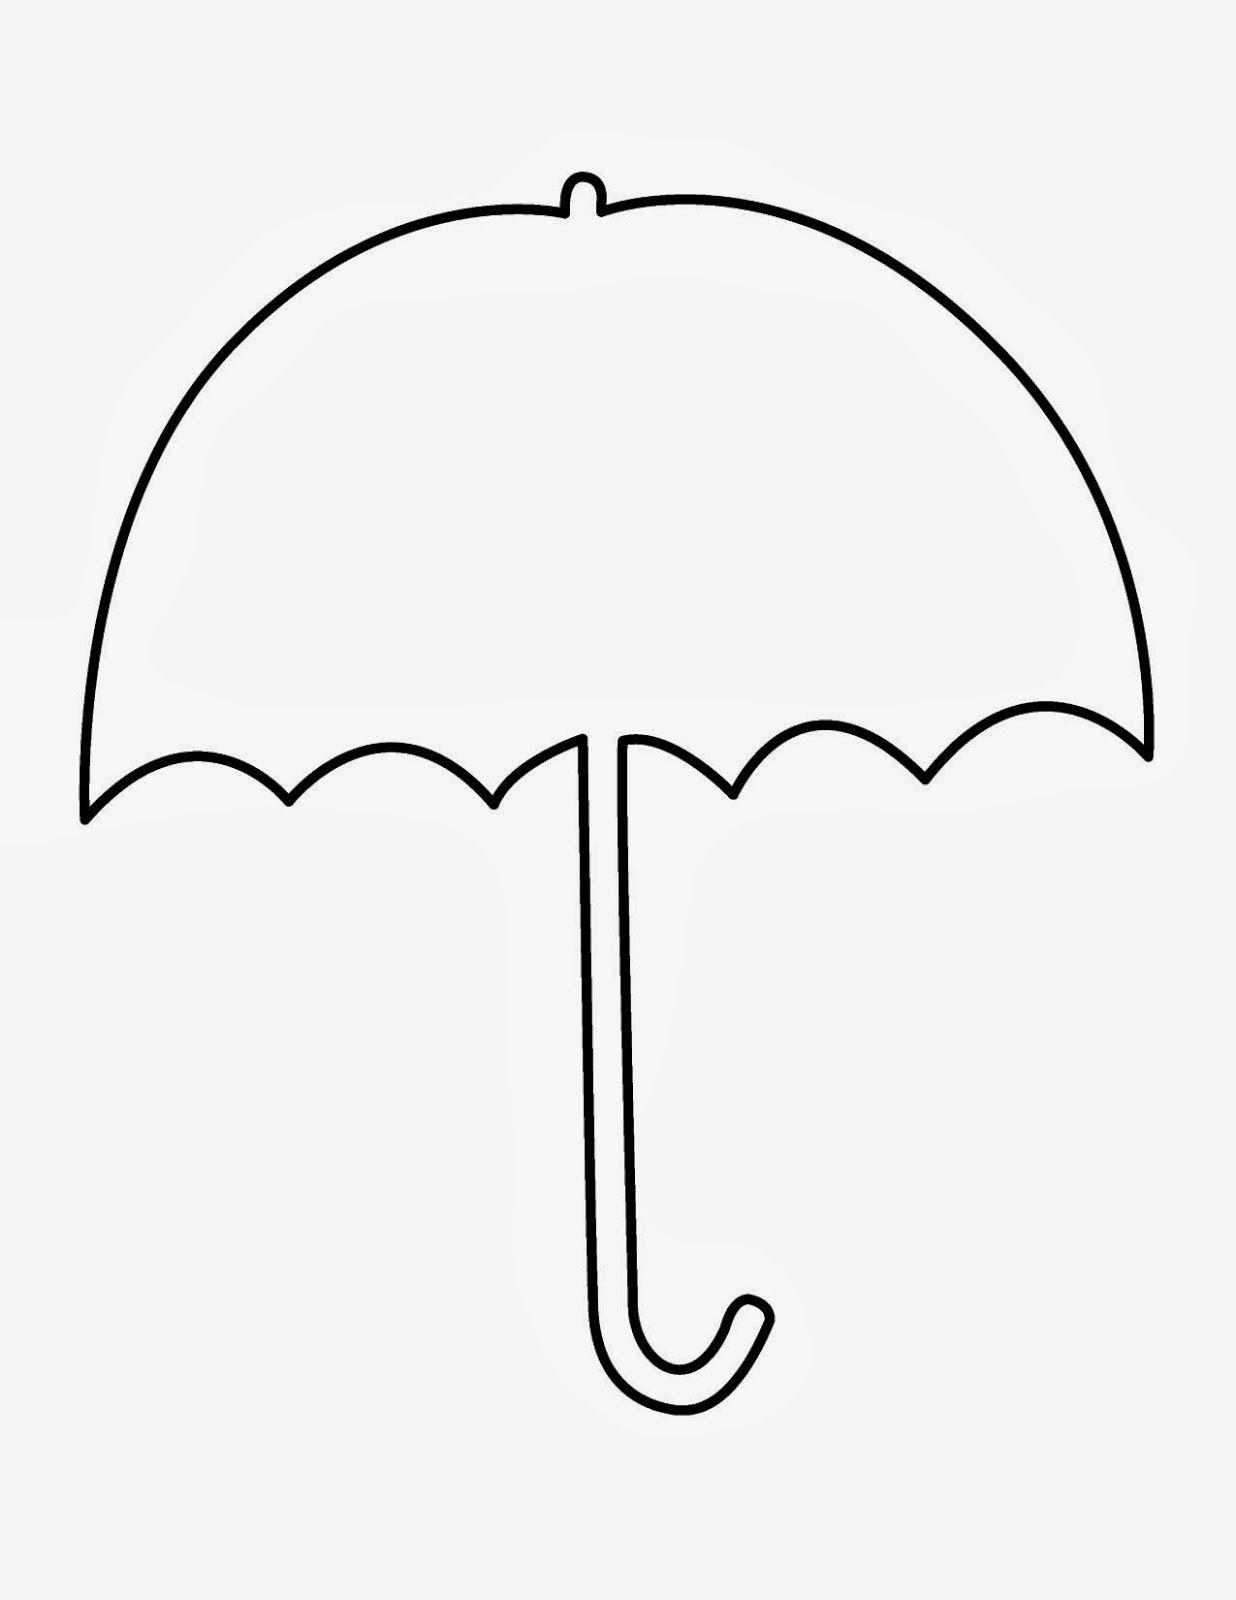 Umbrella Clip Art To Match Yellow Umbrella If You Haven T